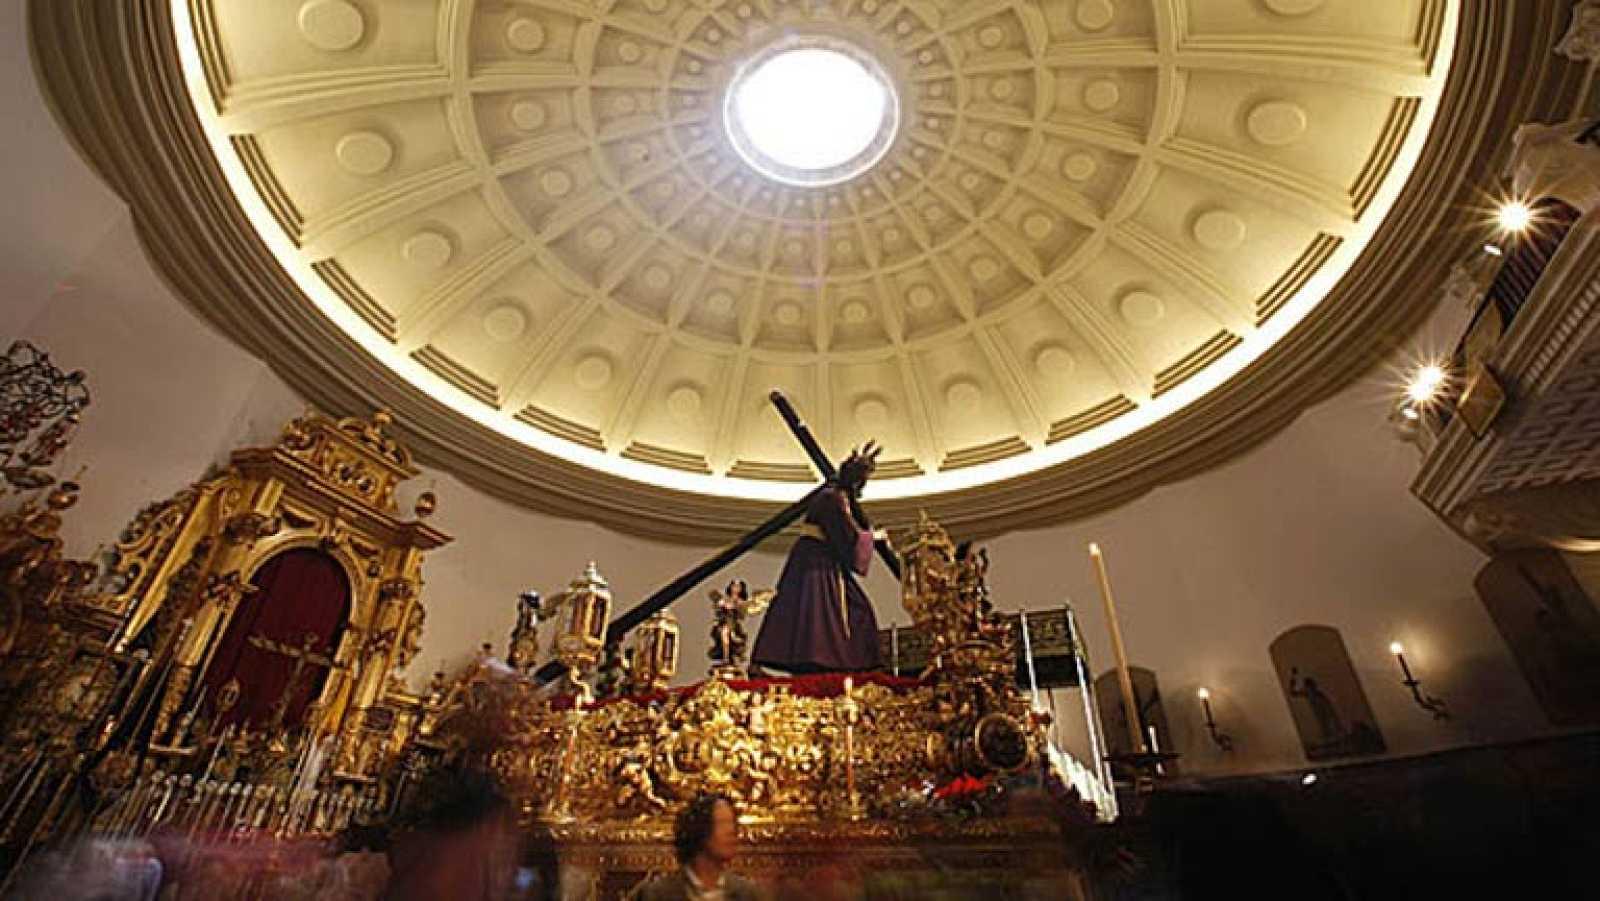 Oficios singulares y artesanos detrás de la Semana Santa de Sevilla